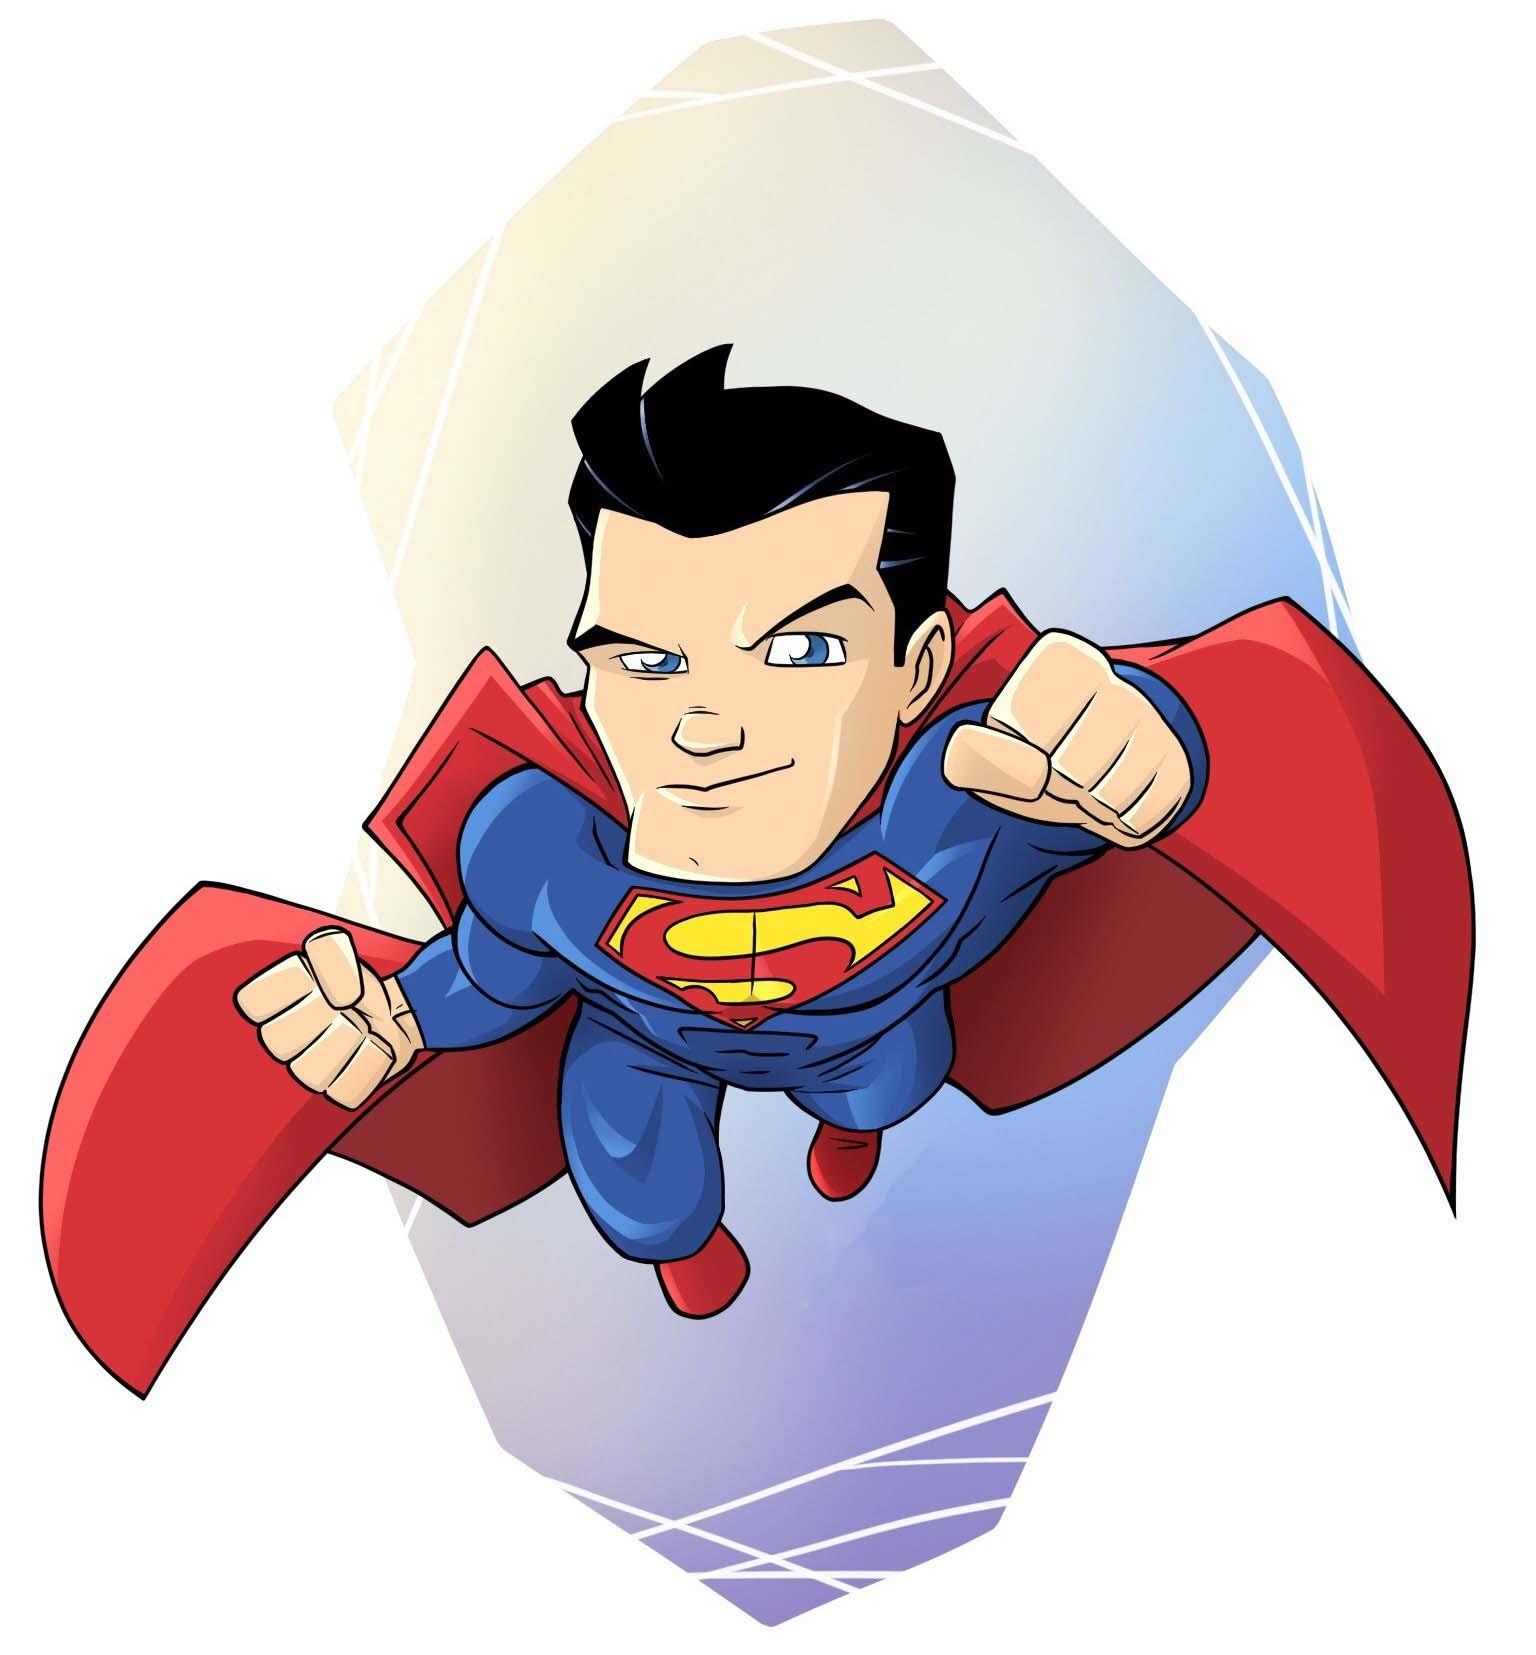 Những hình ảnh superman chibi đẹp và độc nhất